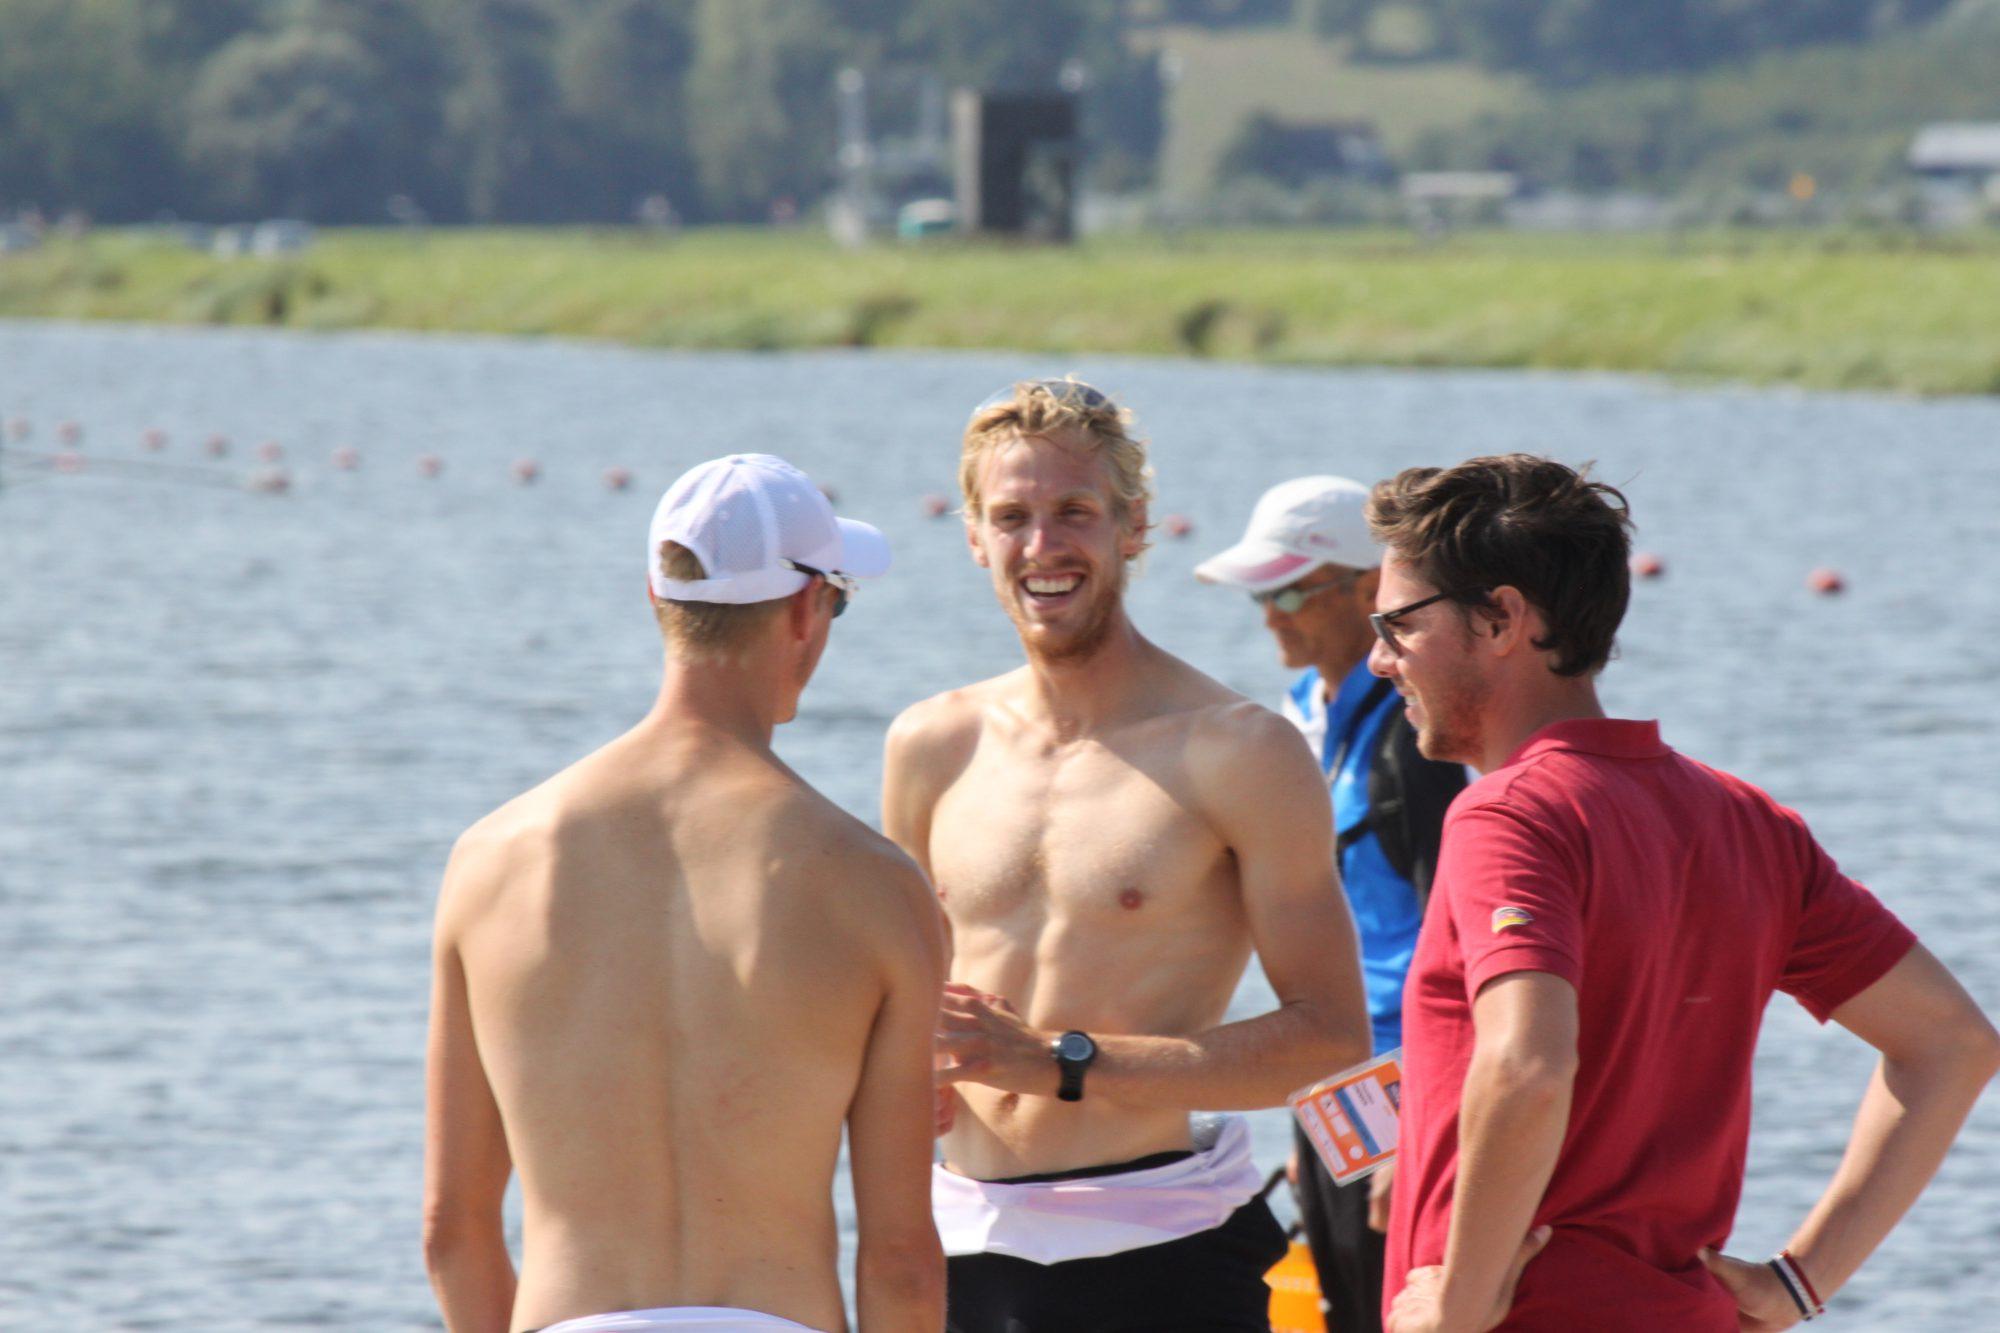 Nach dem Rennen gelöste Mienen bei der Analyse: Julius (Mitte), Trainer Thorsten Zimmer (r.) und Sven Kessler (l.).